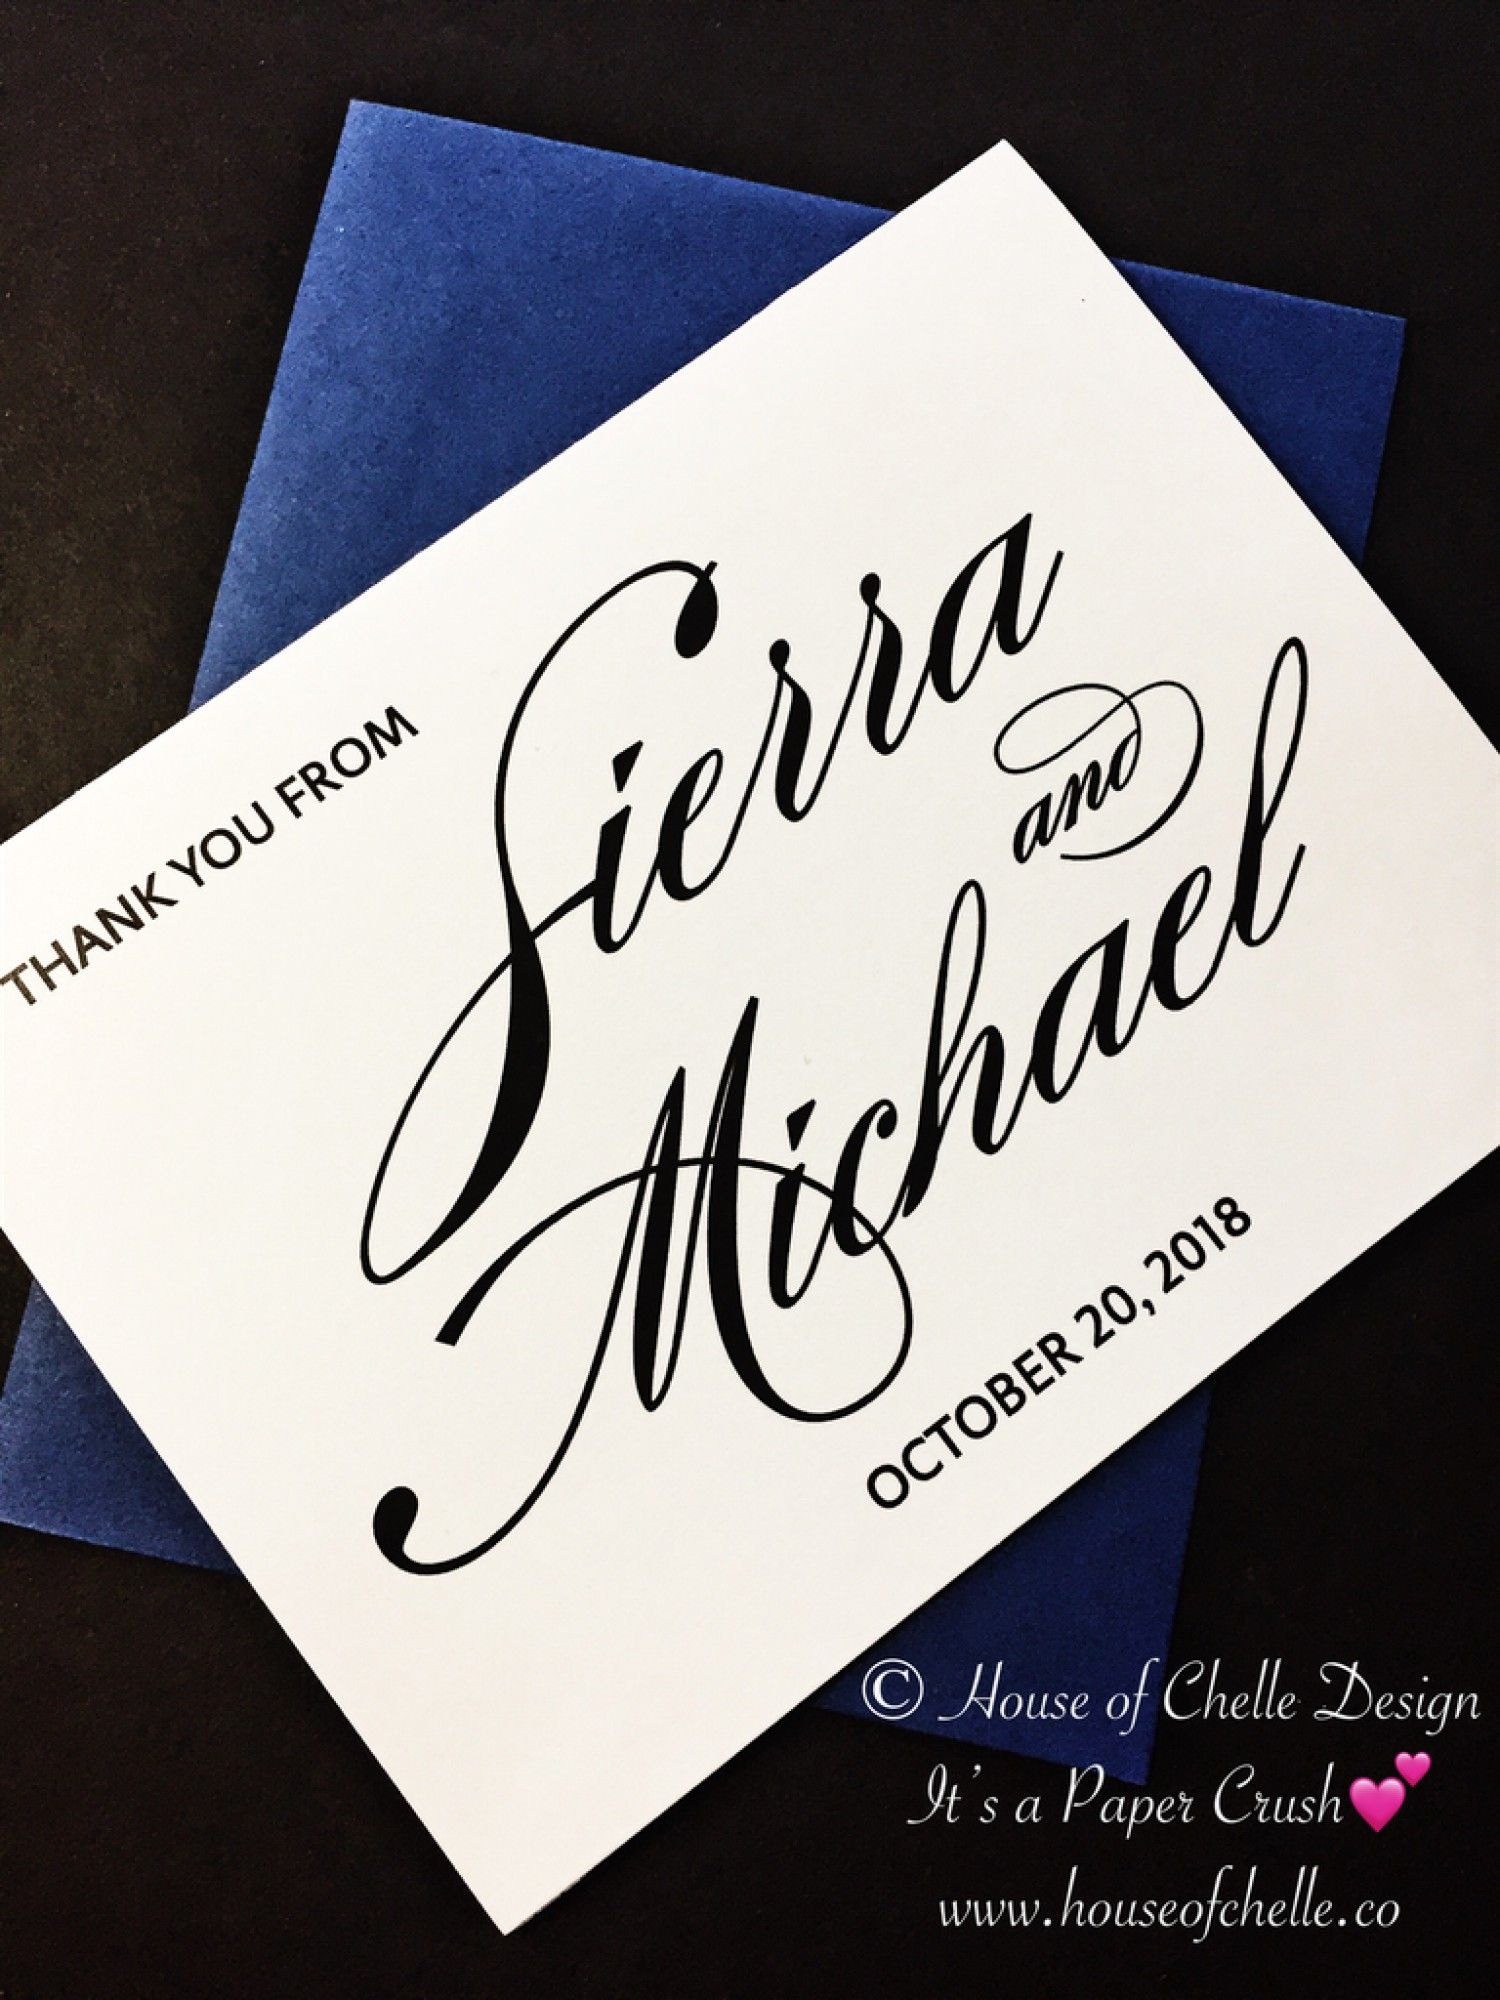 Set of 20 Personalized Custom Wedding Name Mr Folded Notecard Stationery Stationary with Envelopes /& Mrs